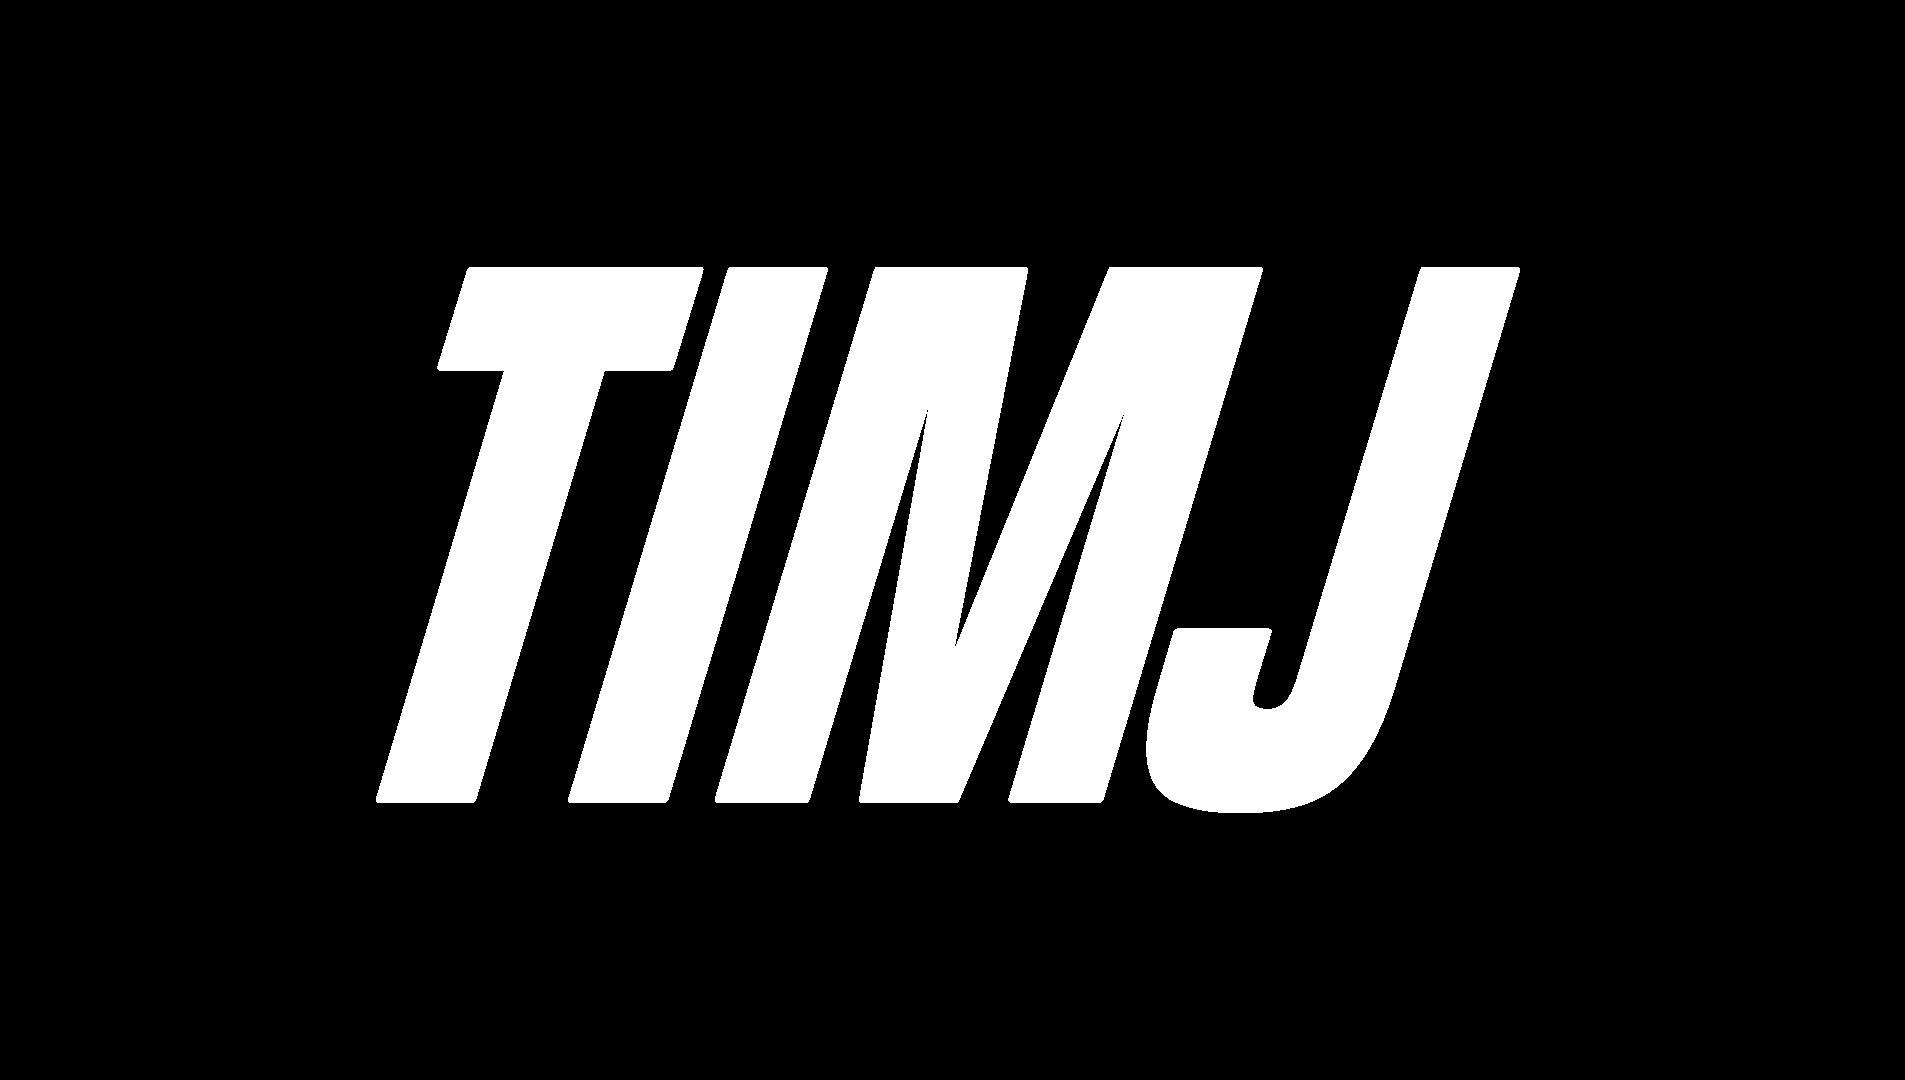 Tim Uhlemann